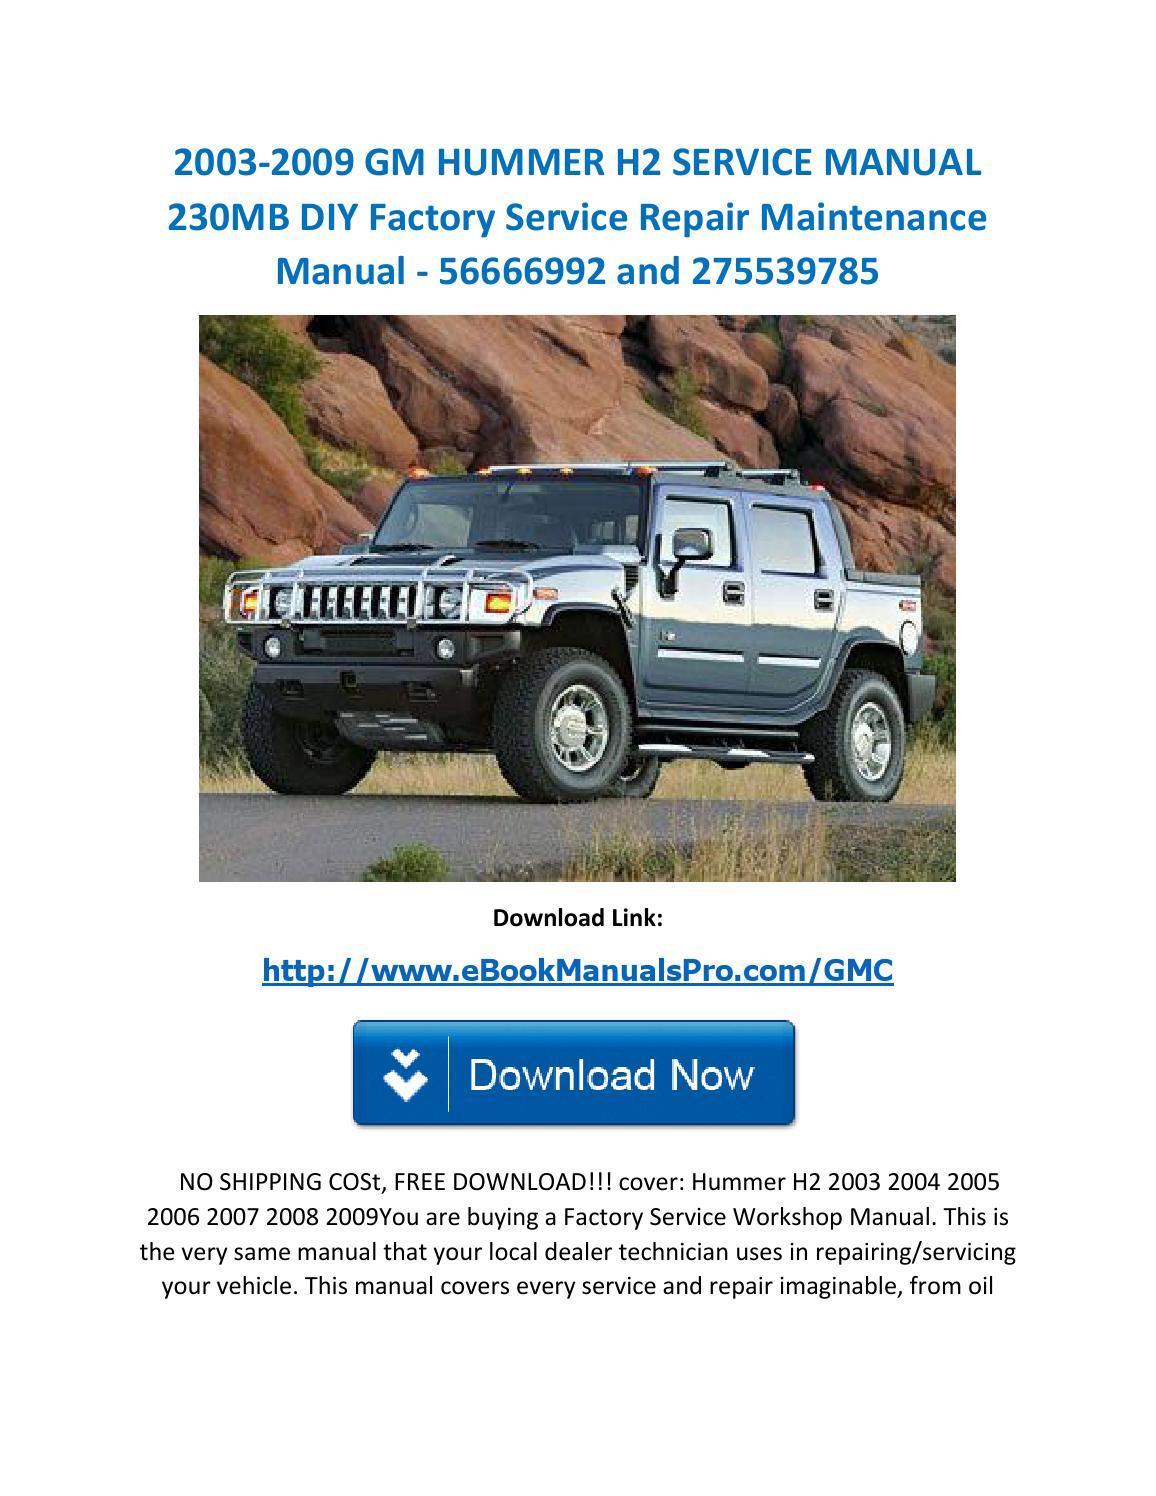 14 14 gm hummer h14 service manual 1430mb diy factory ...   hummer h2 repair manual